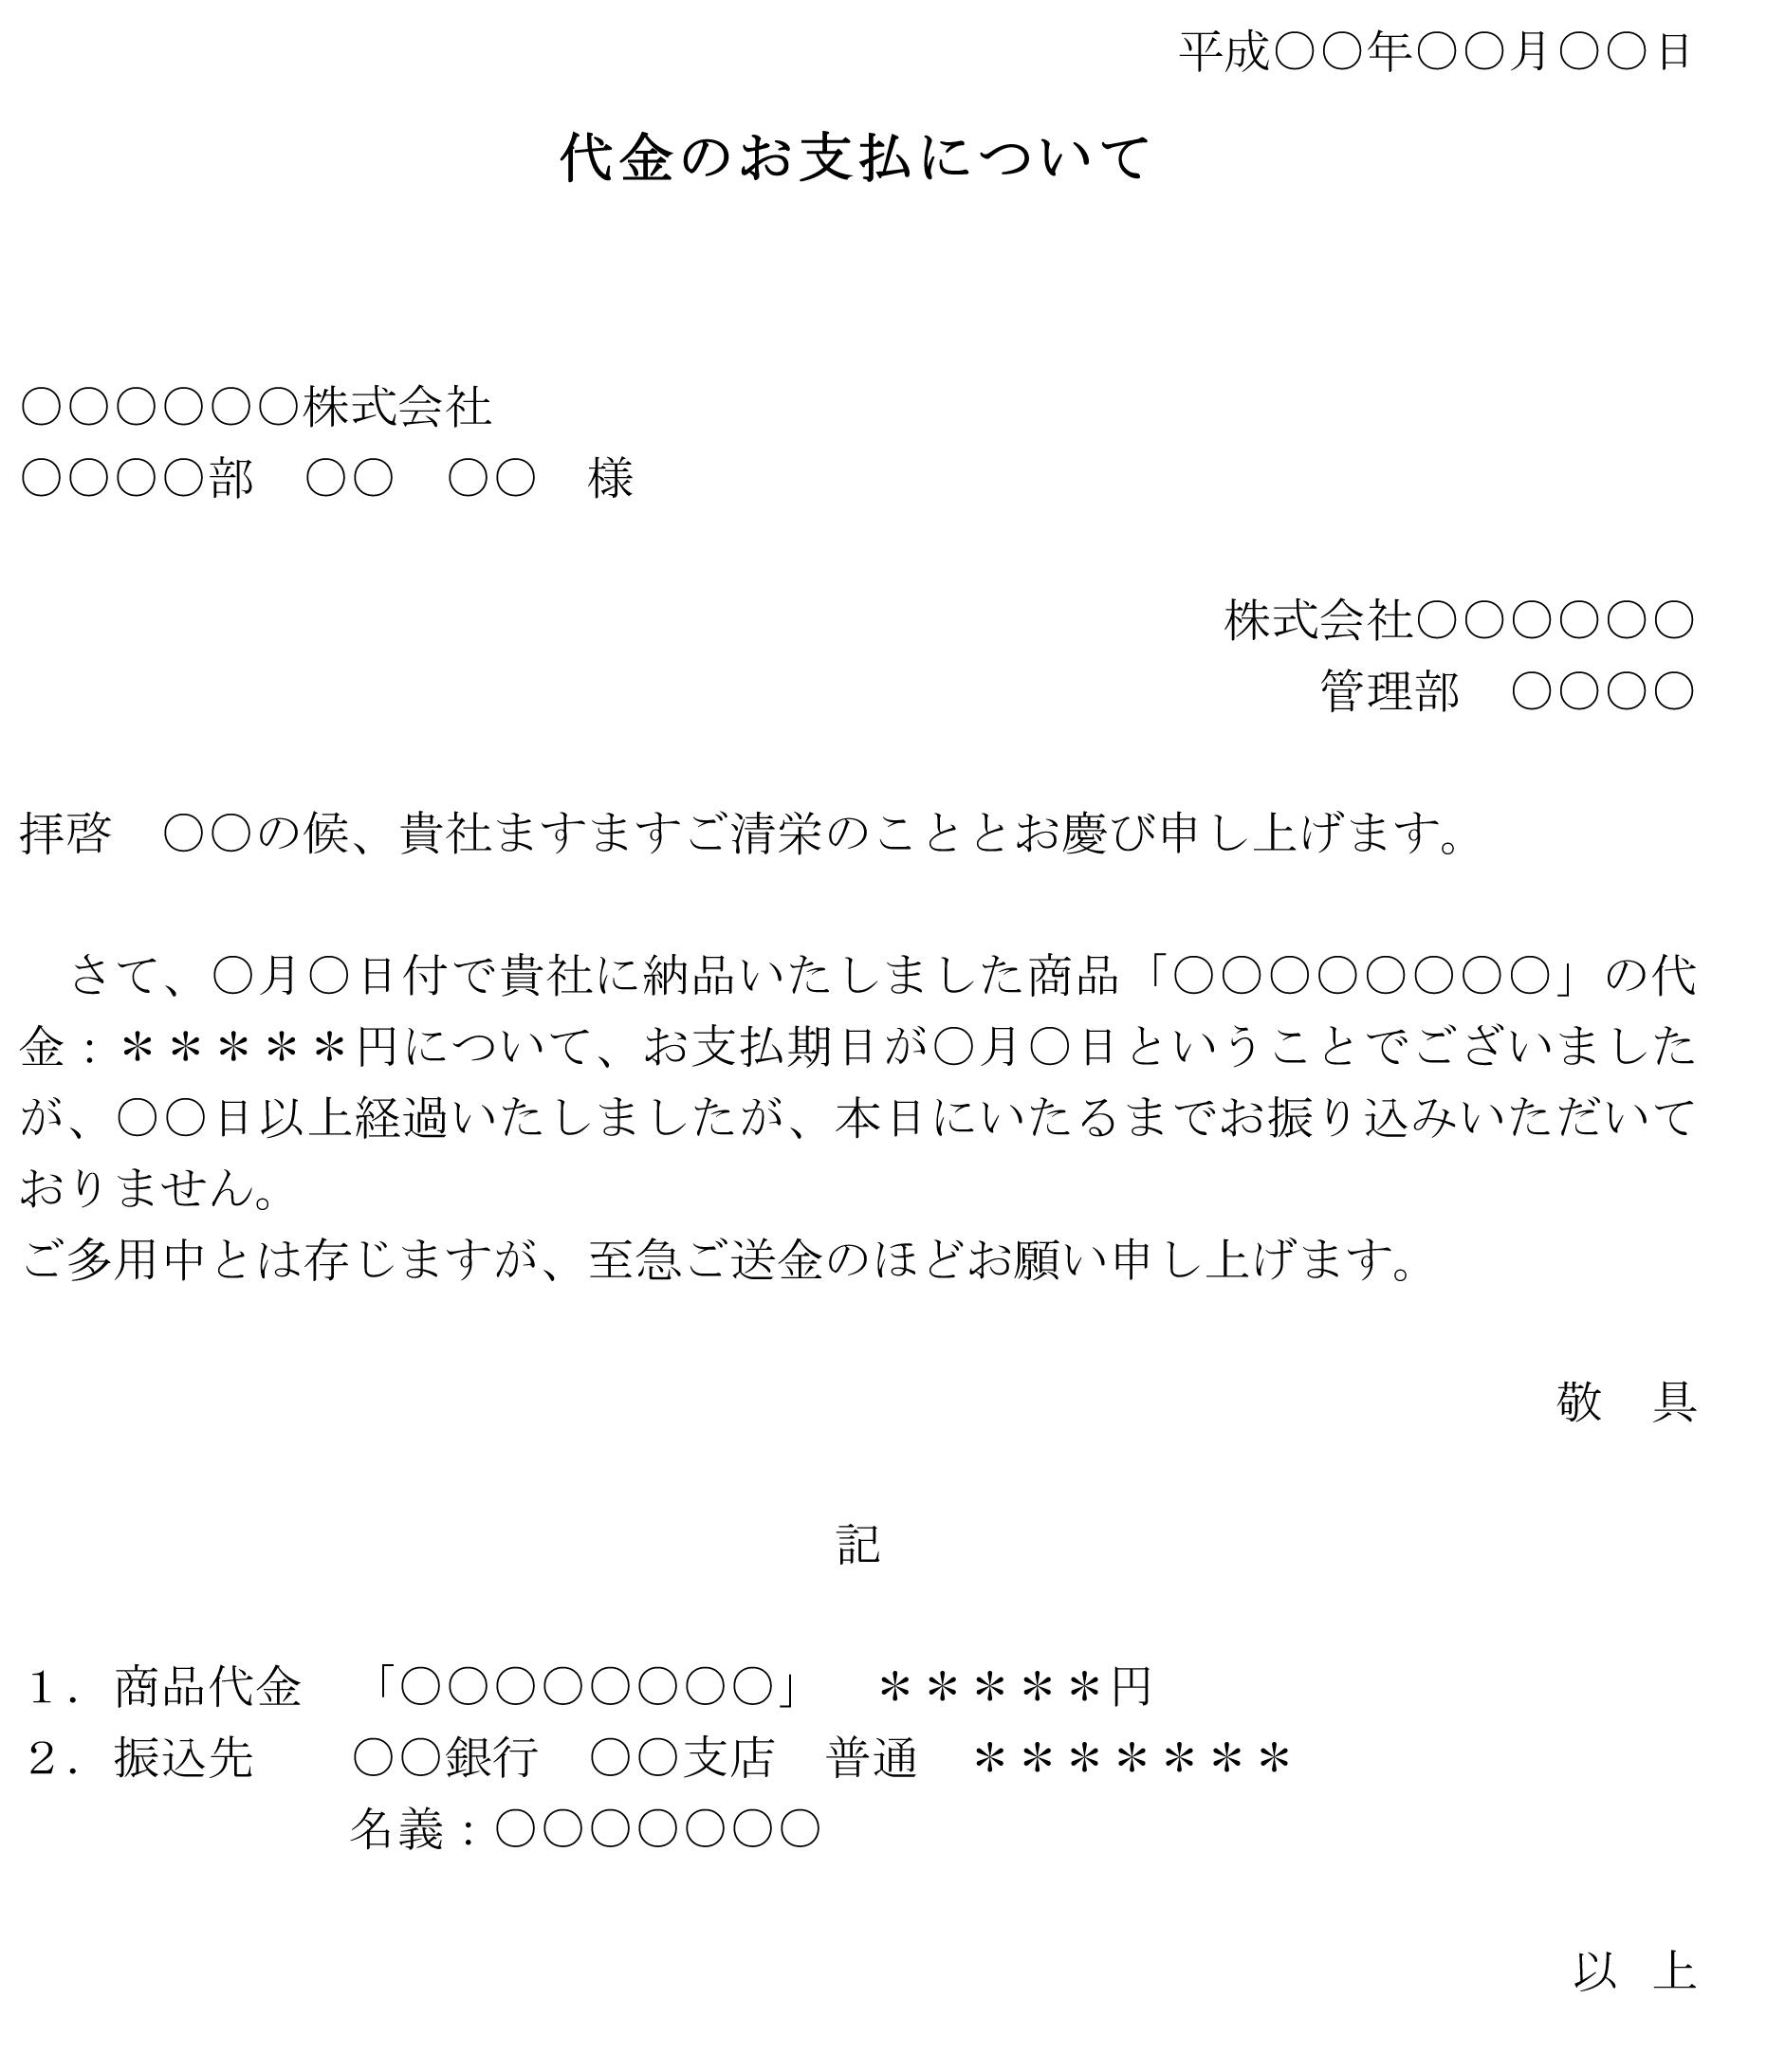 督促状(売掛金)